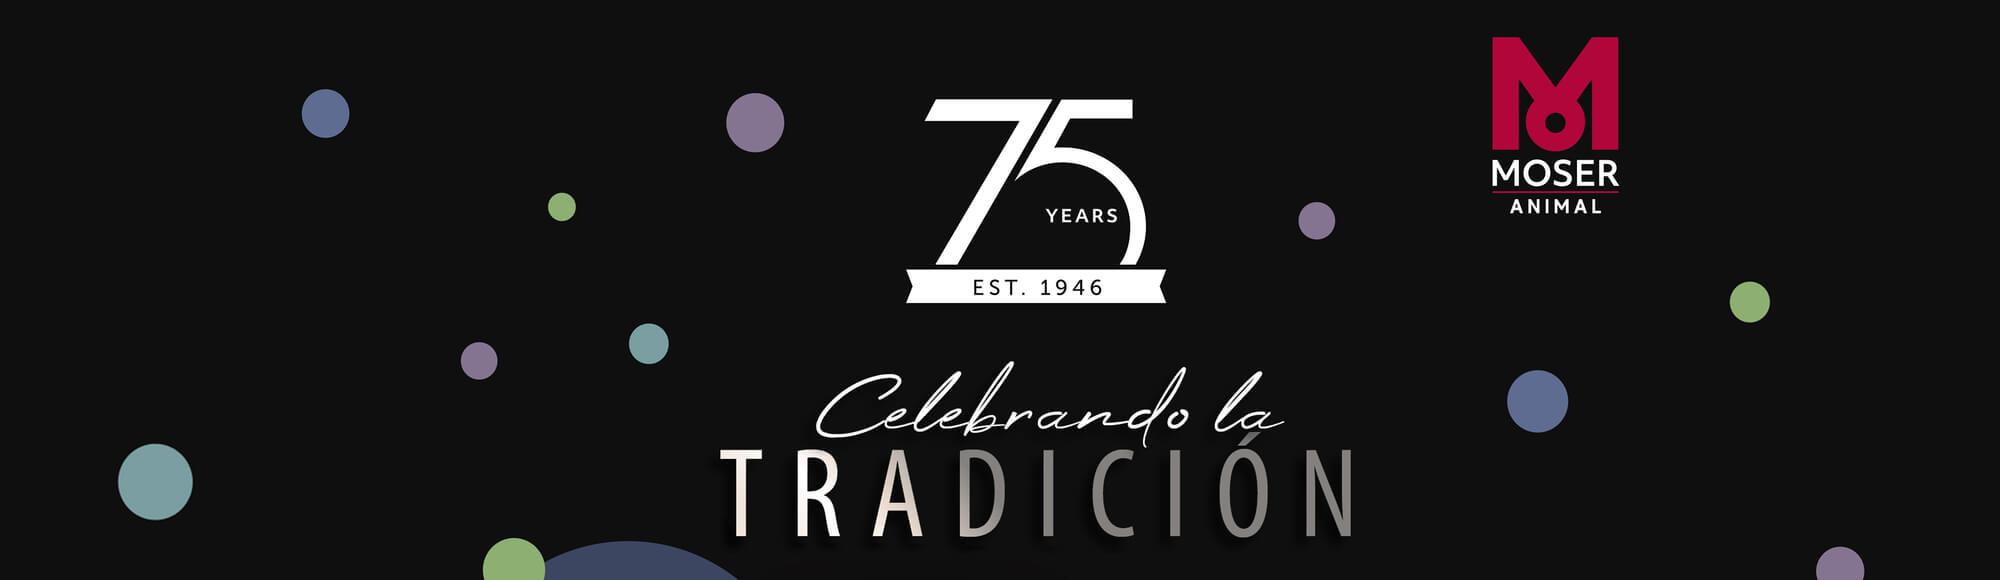 Celebrando la tradición!